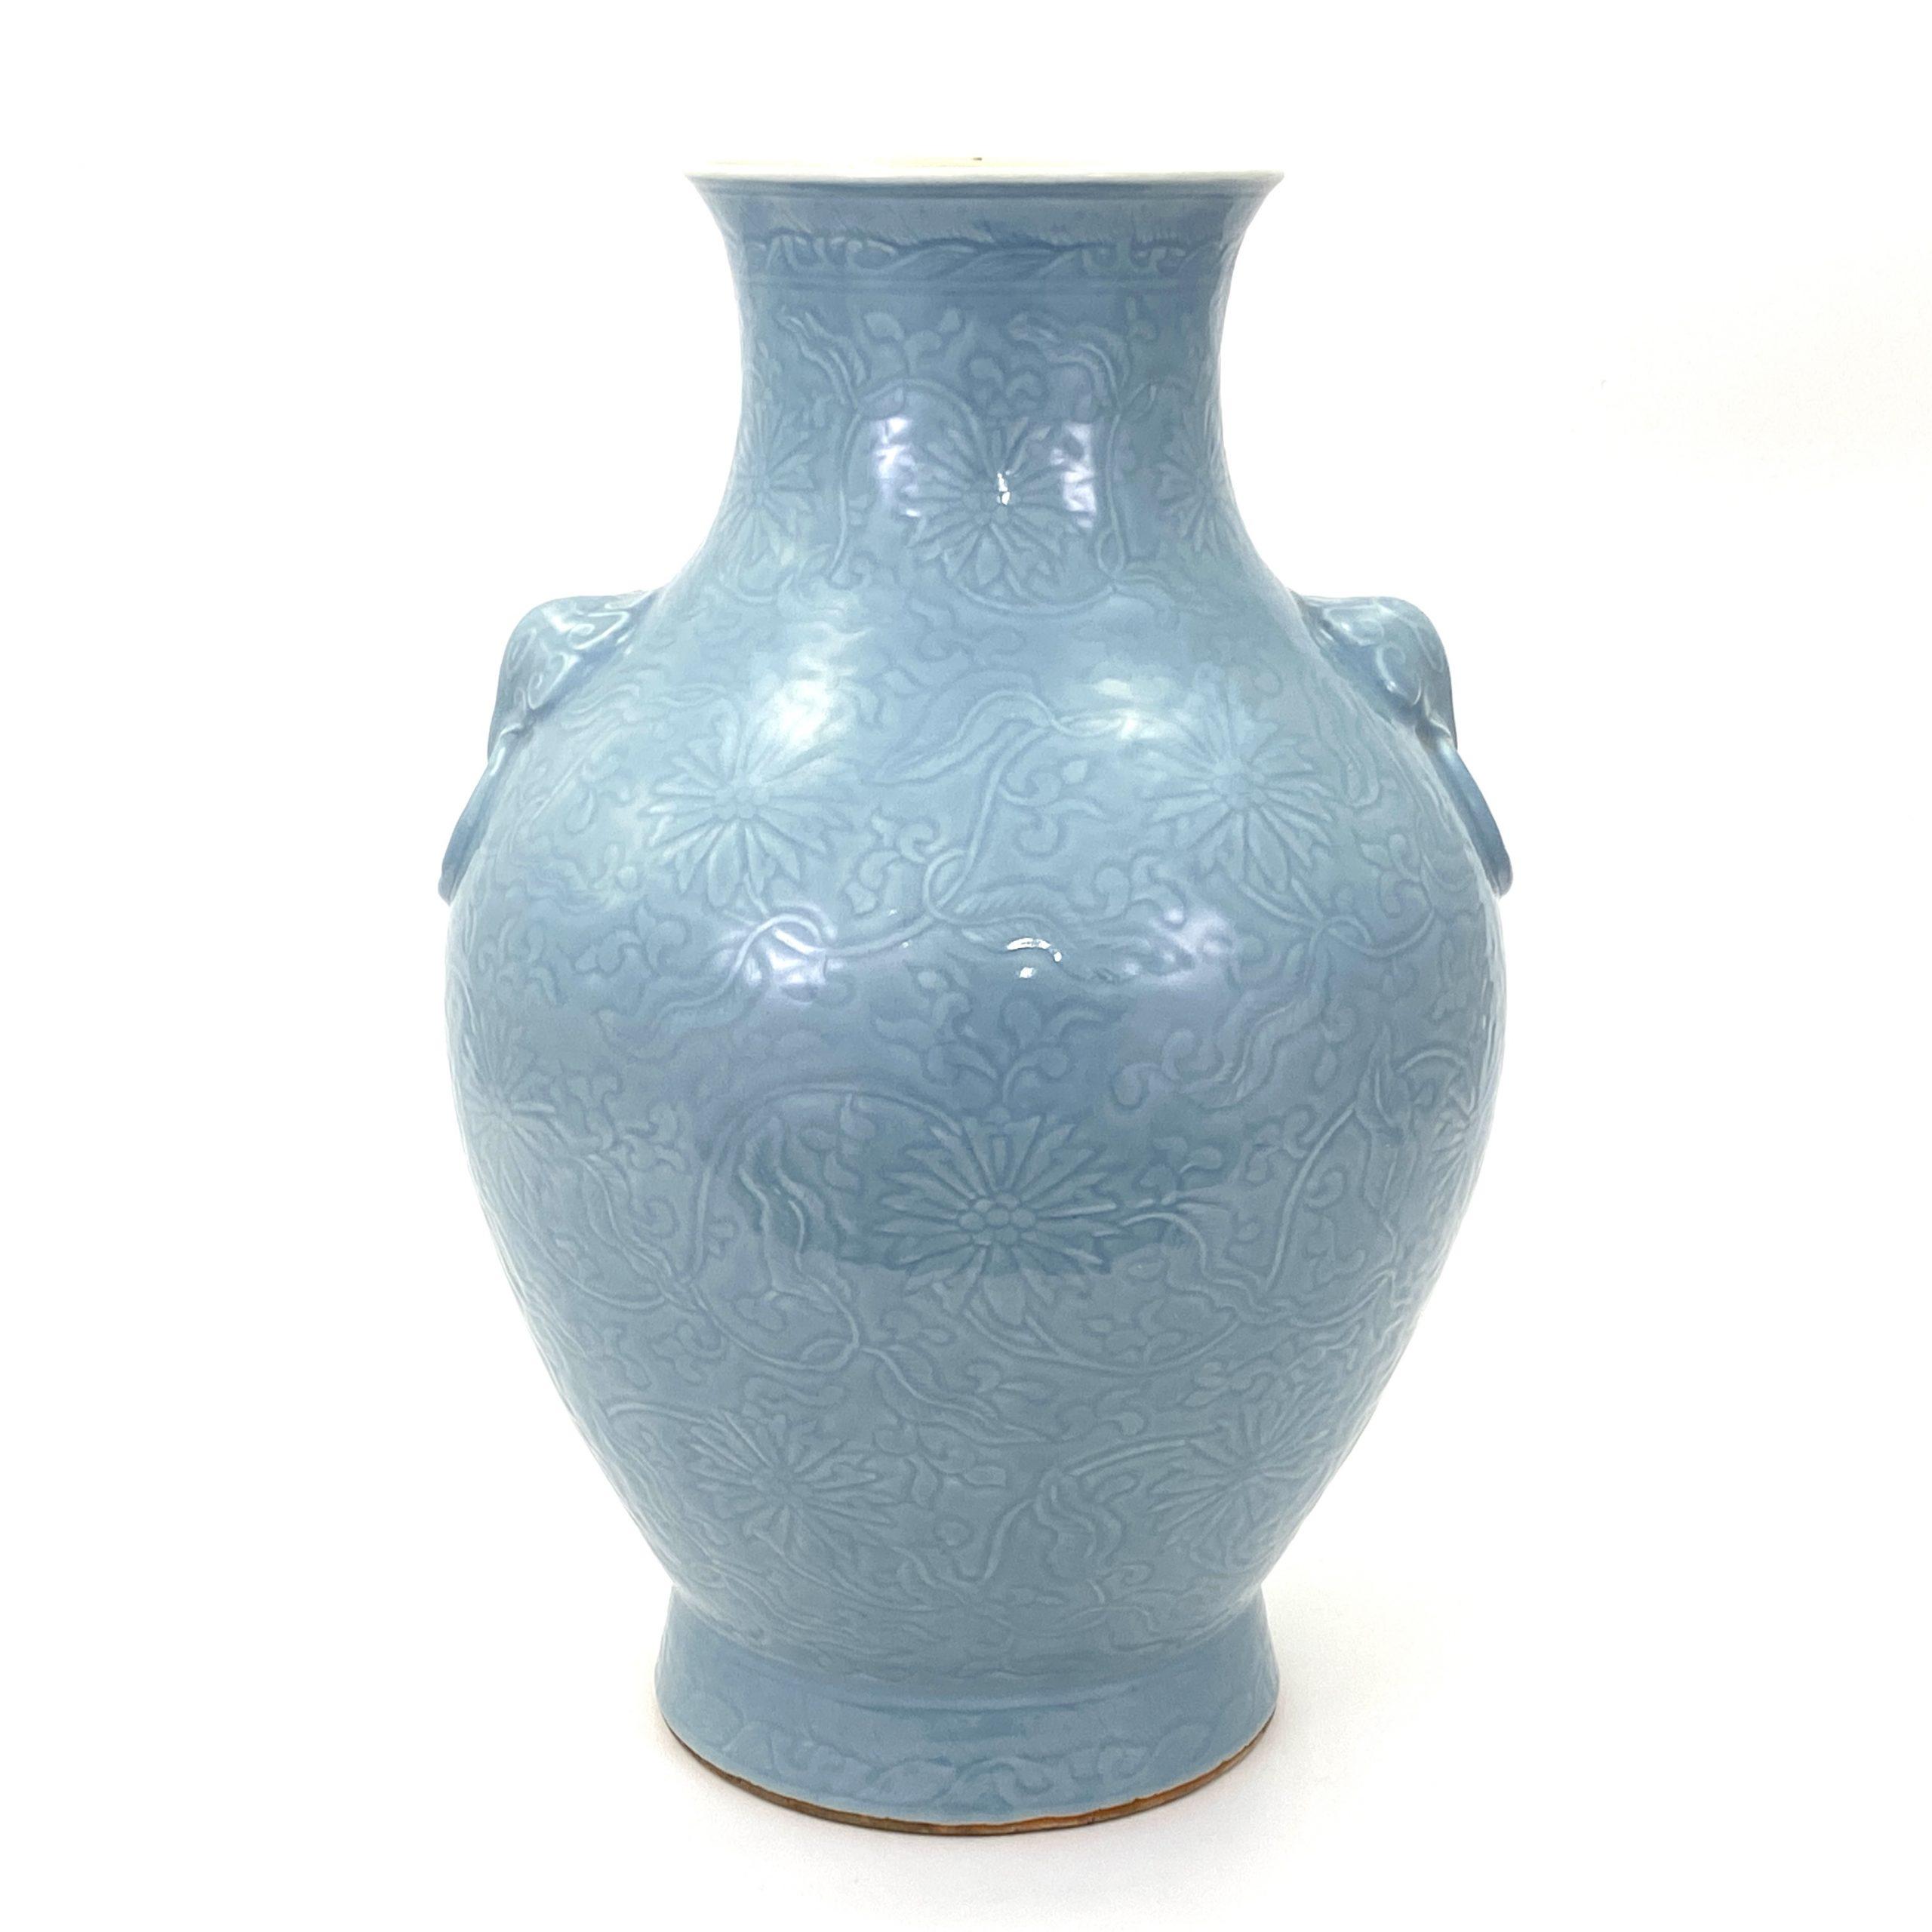 21081「大清乾隆年製」款 天青釉刻 蓮花紋 獣耳大瓶